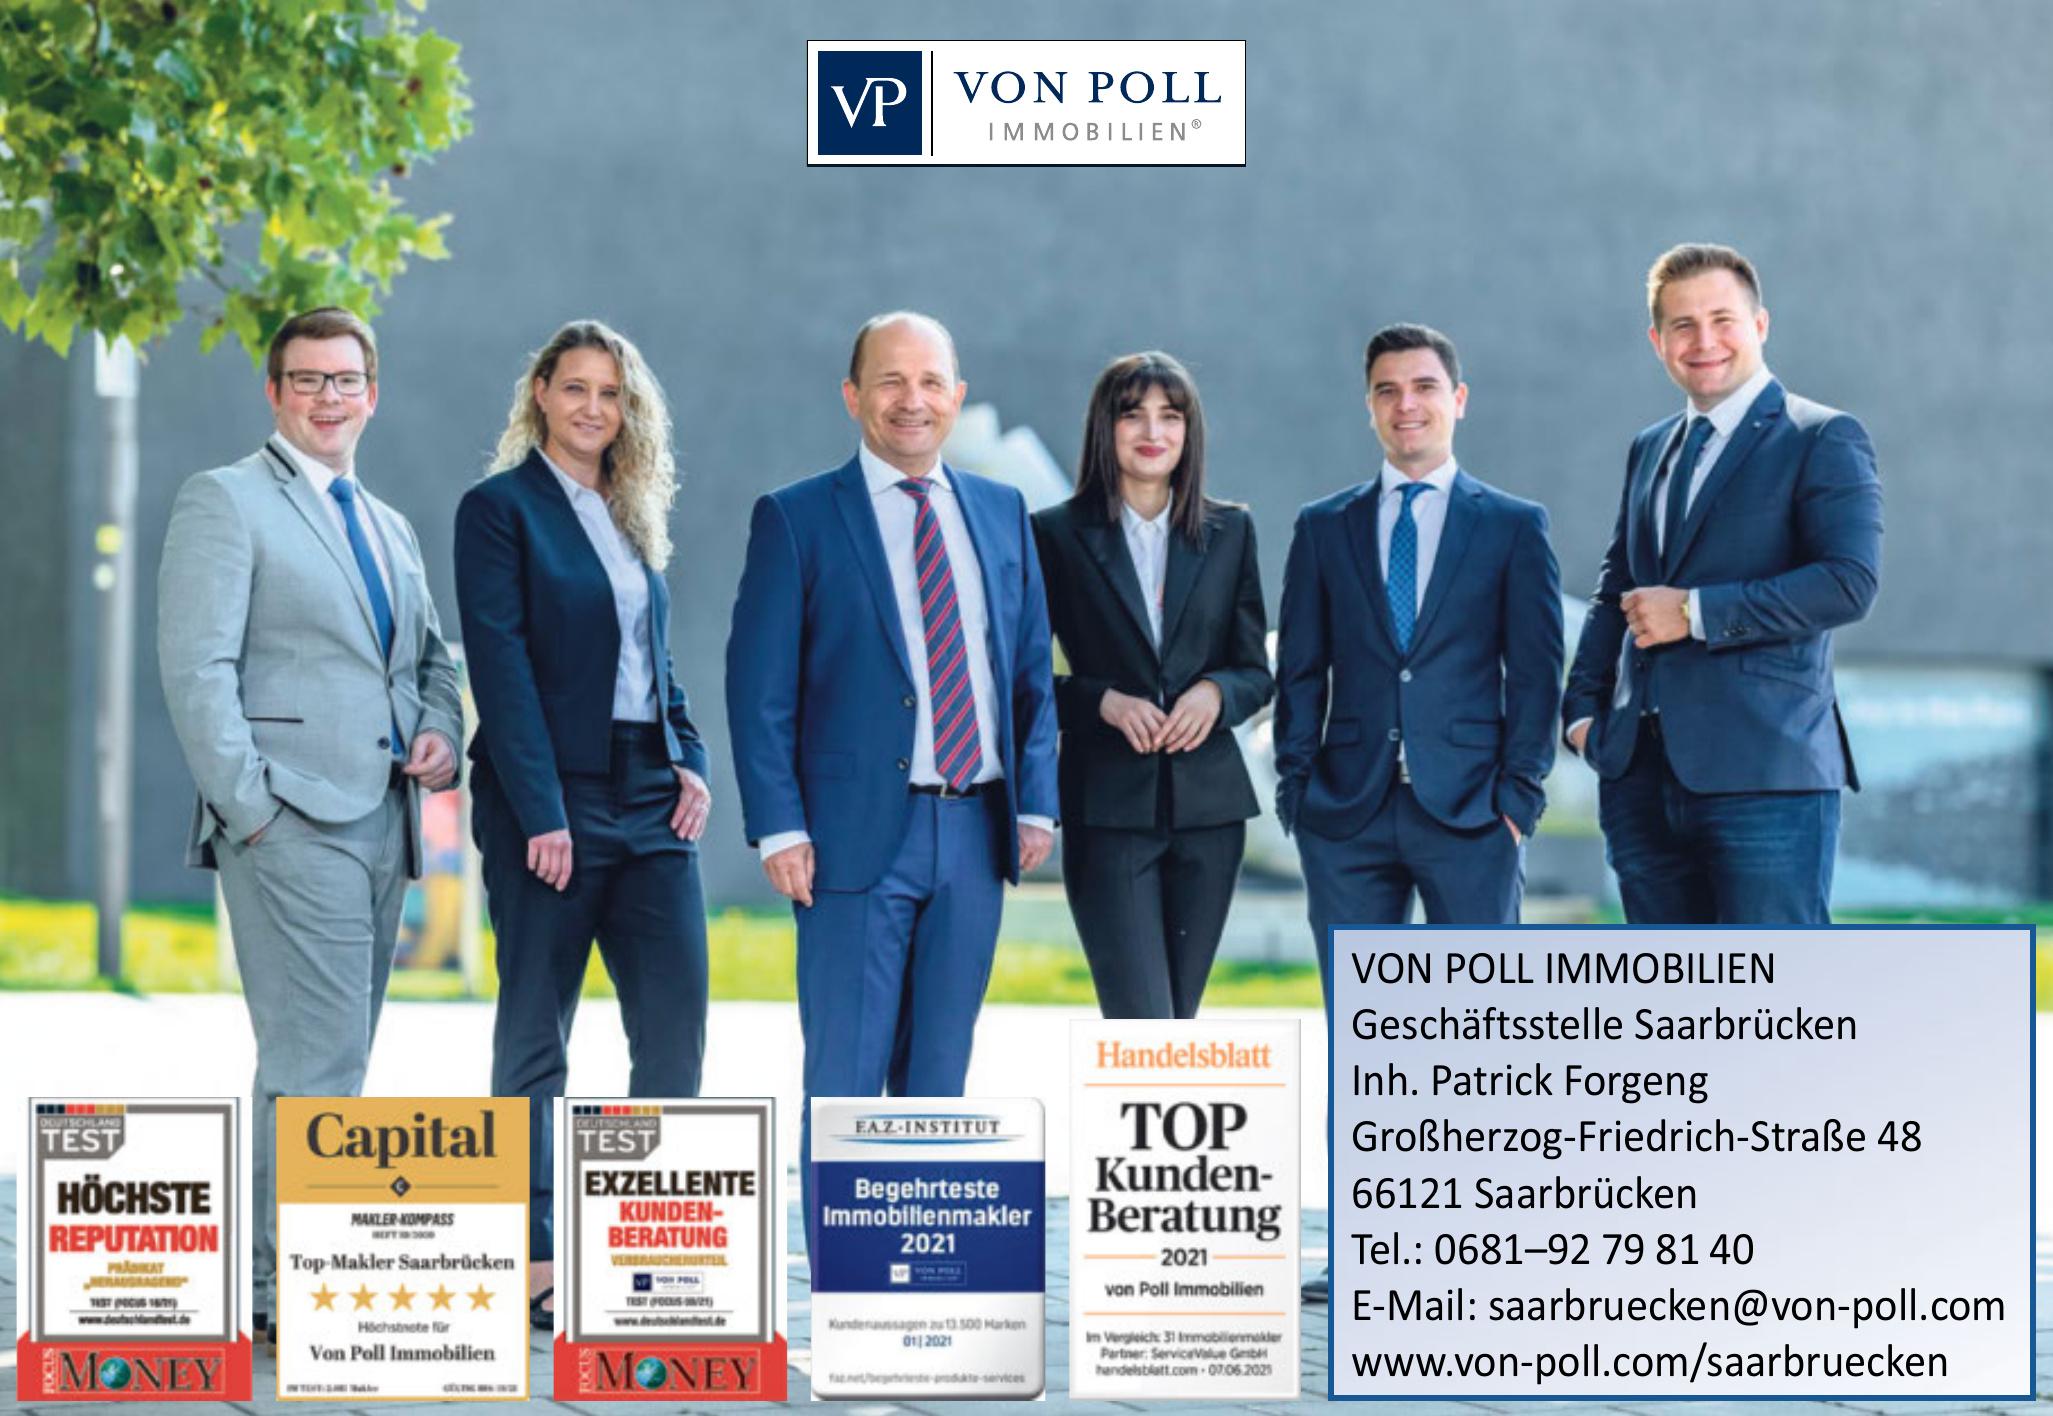 VP Von Poll Immobilien